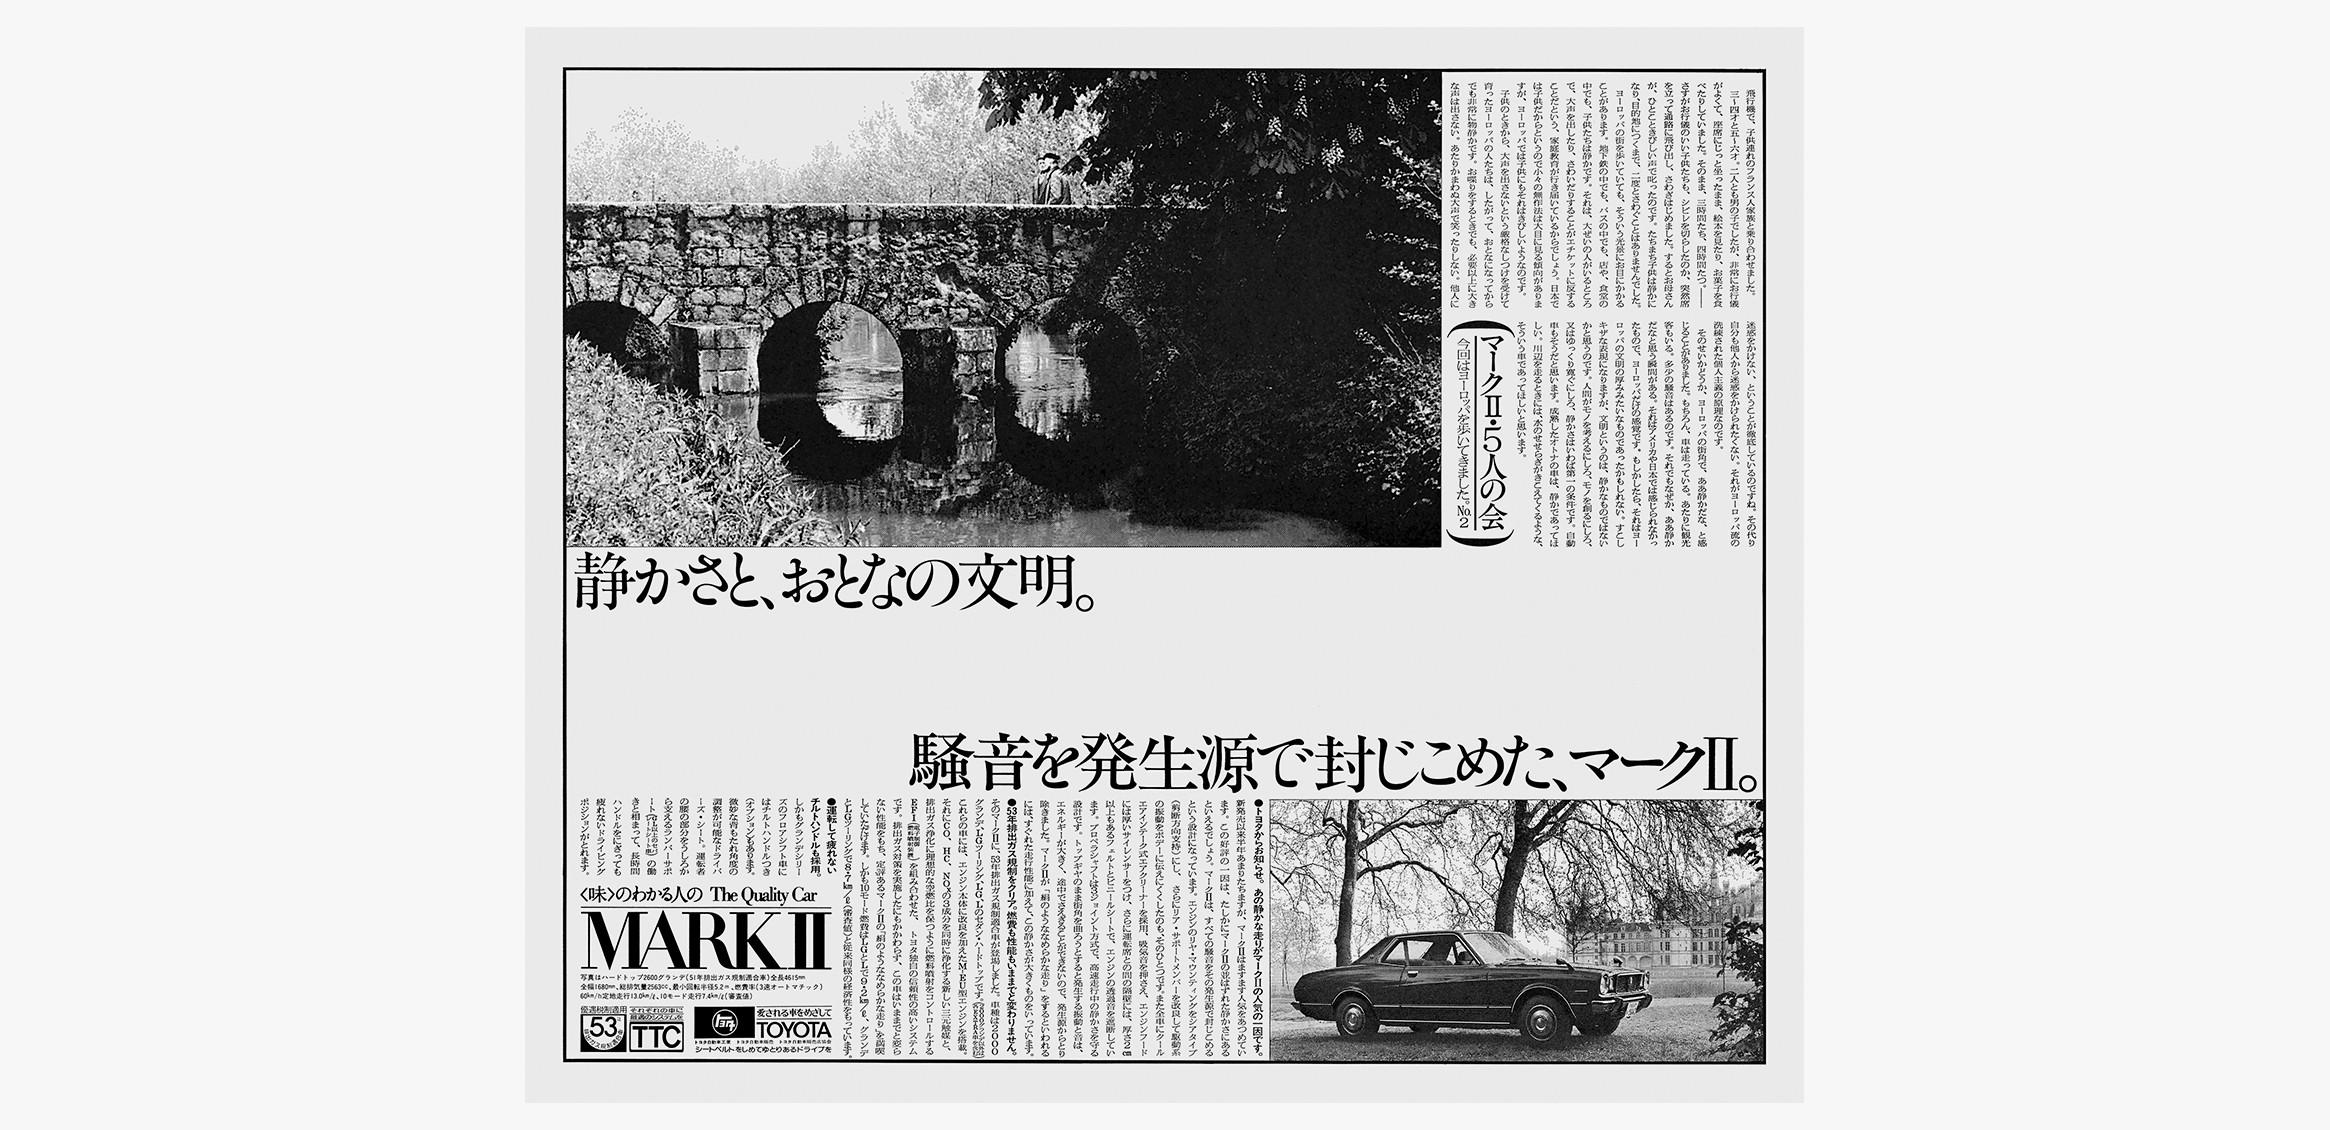 トヨタ自動車 「マークⅡ・5人の会」4枚目